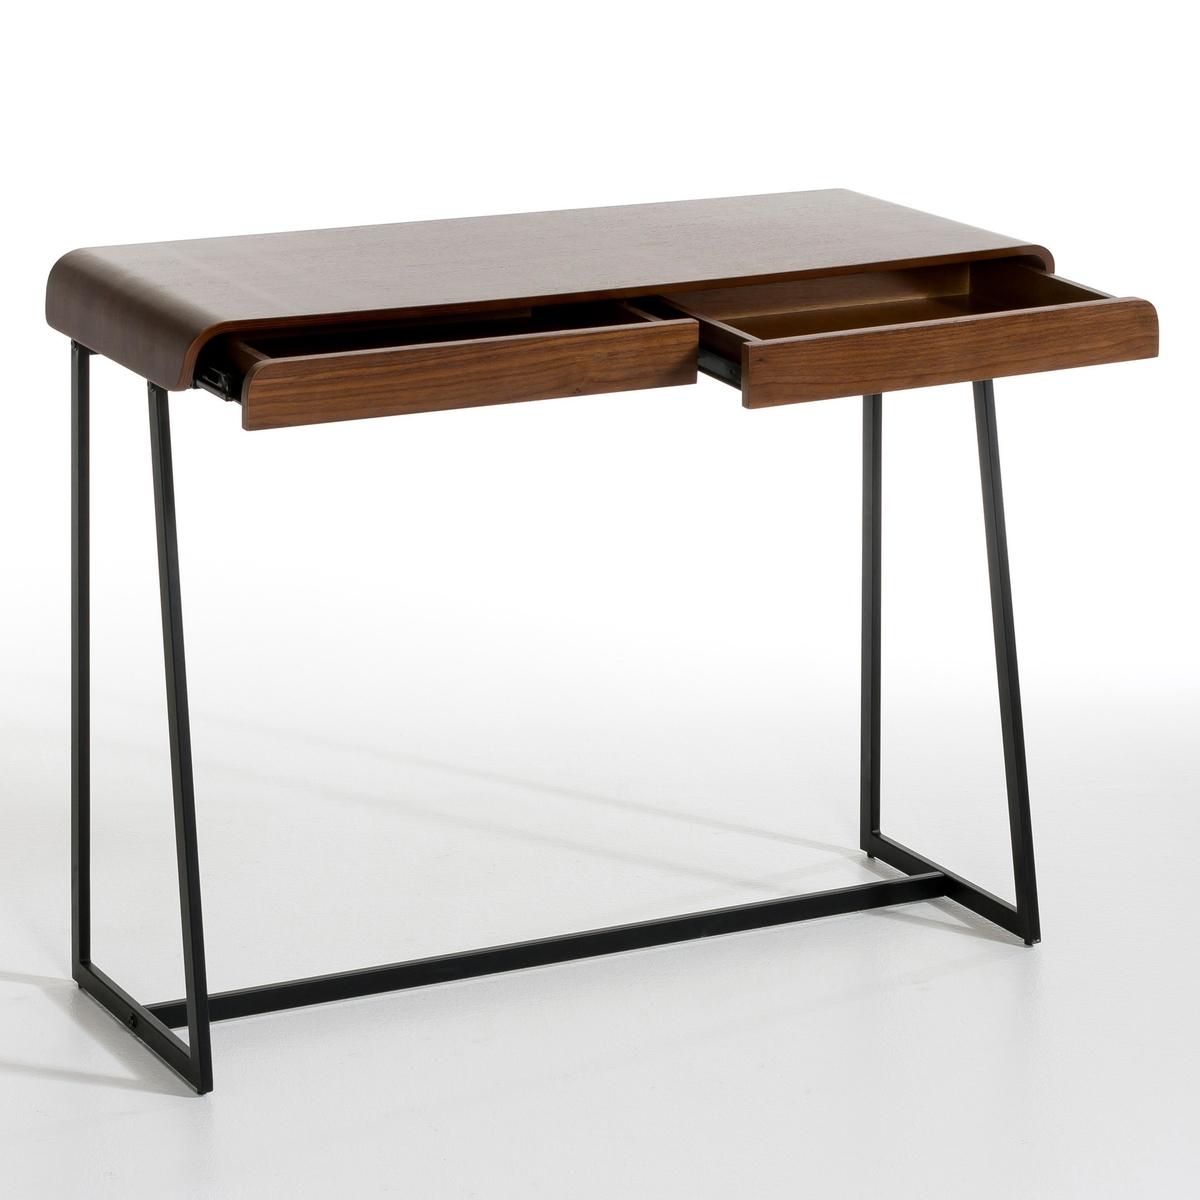 Комод Bardi, дизайн Э.. Галлина от La Redoute